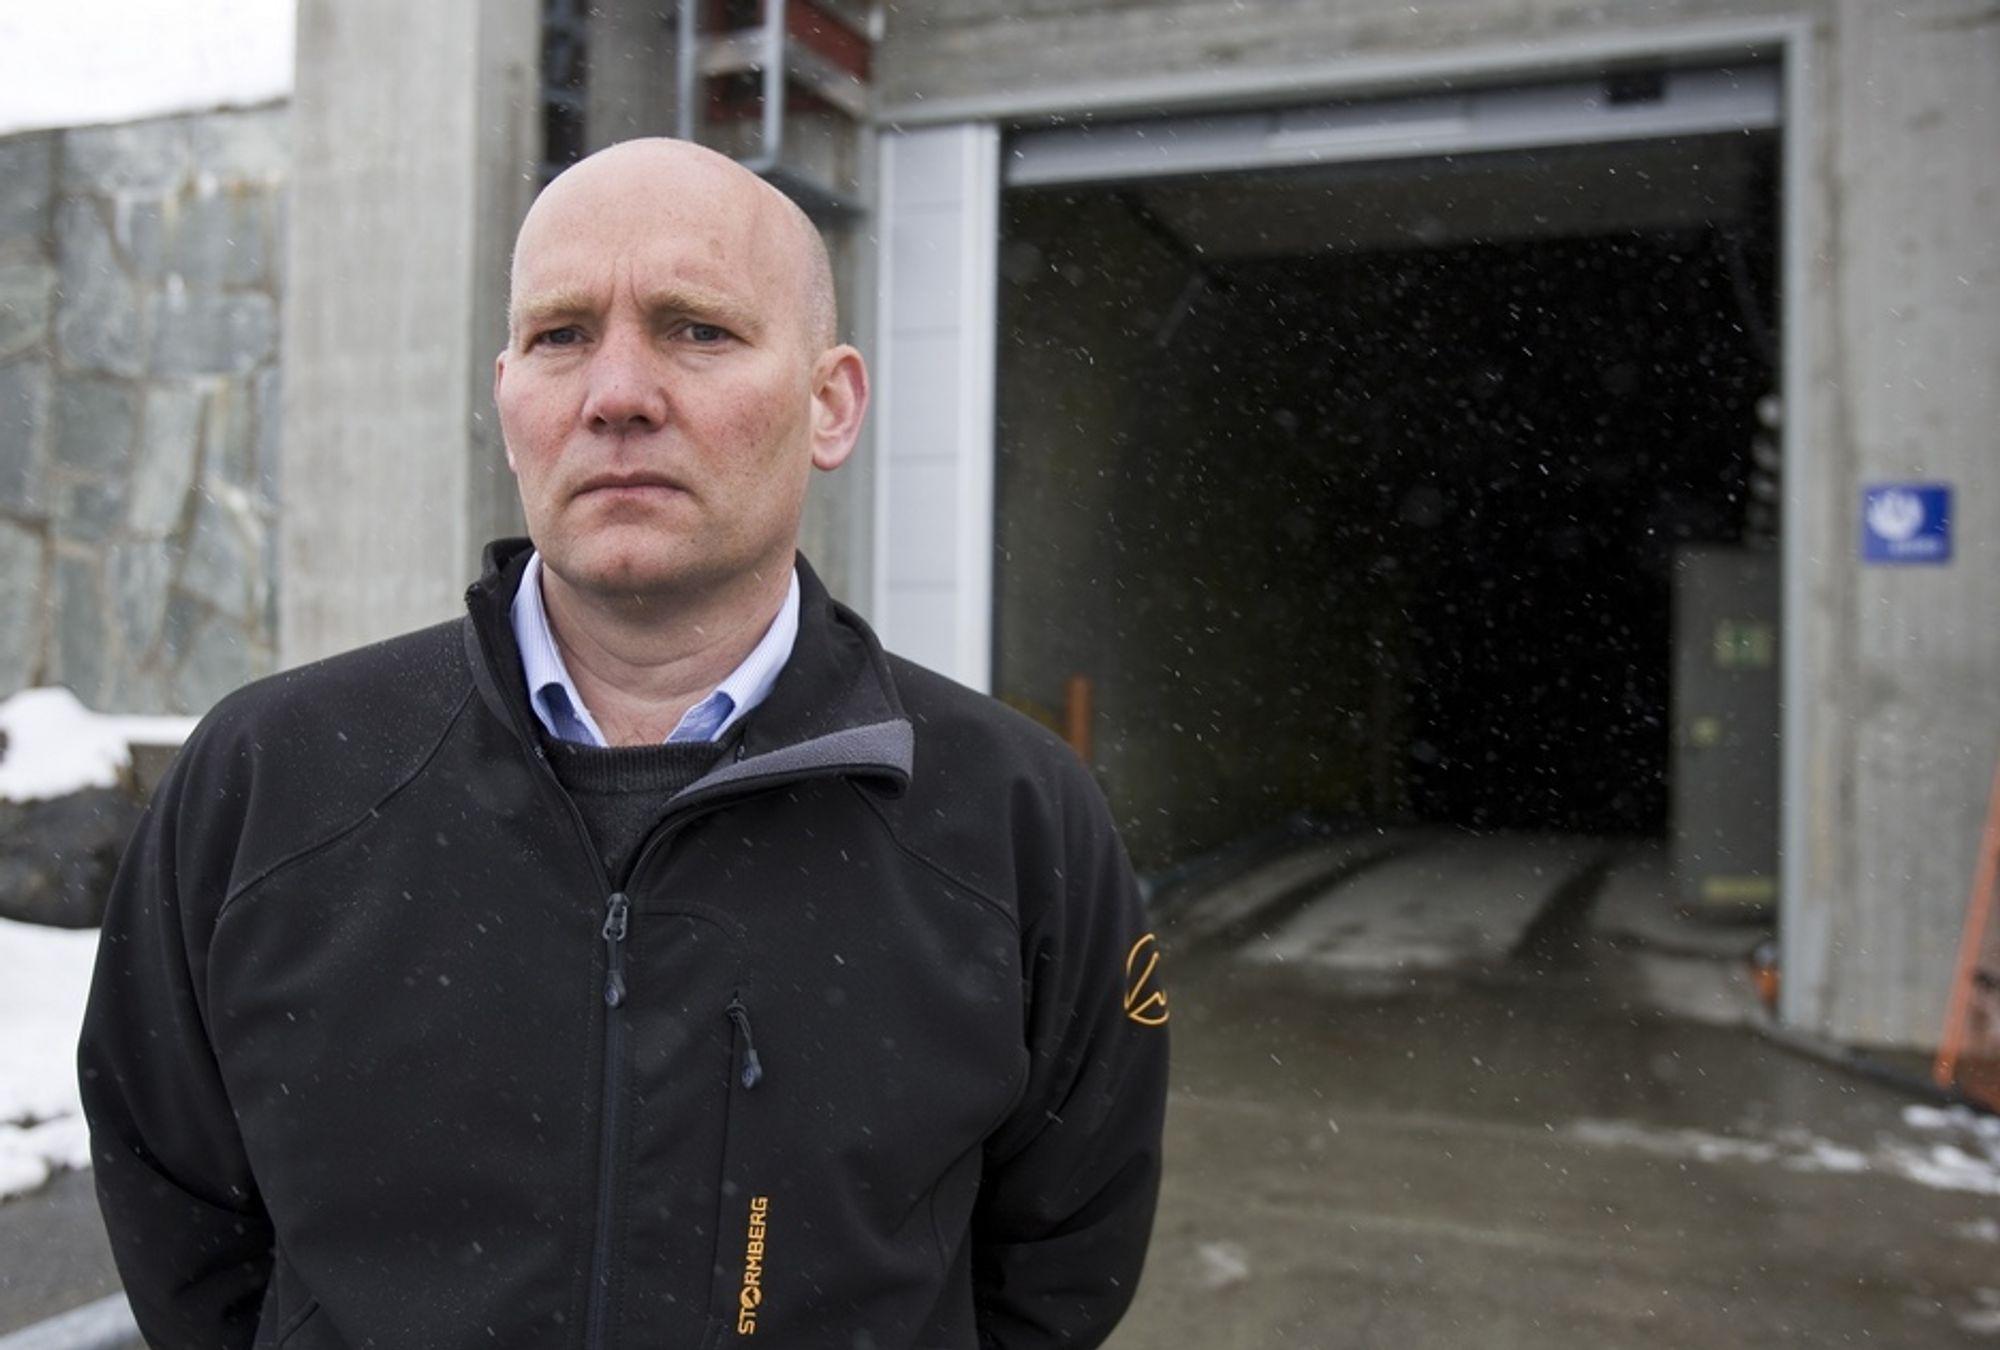 Ifølge Ola Sæter, konserndirektør i Norsk Hydro Energi holder selskapet alle muligheter åpne for endringer som kan og bør gjøres.